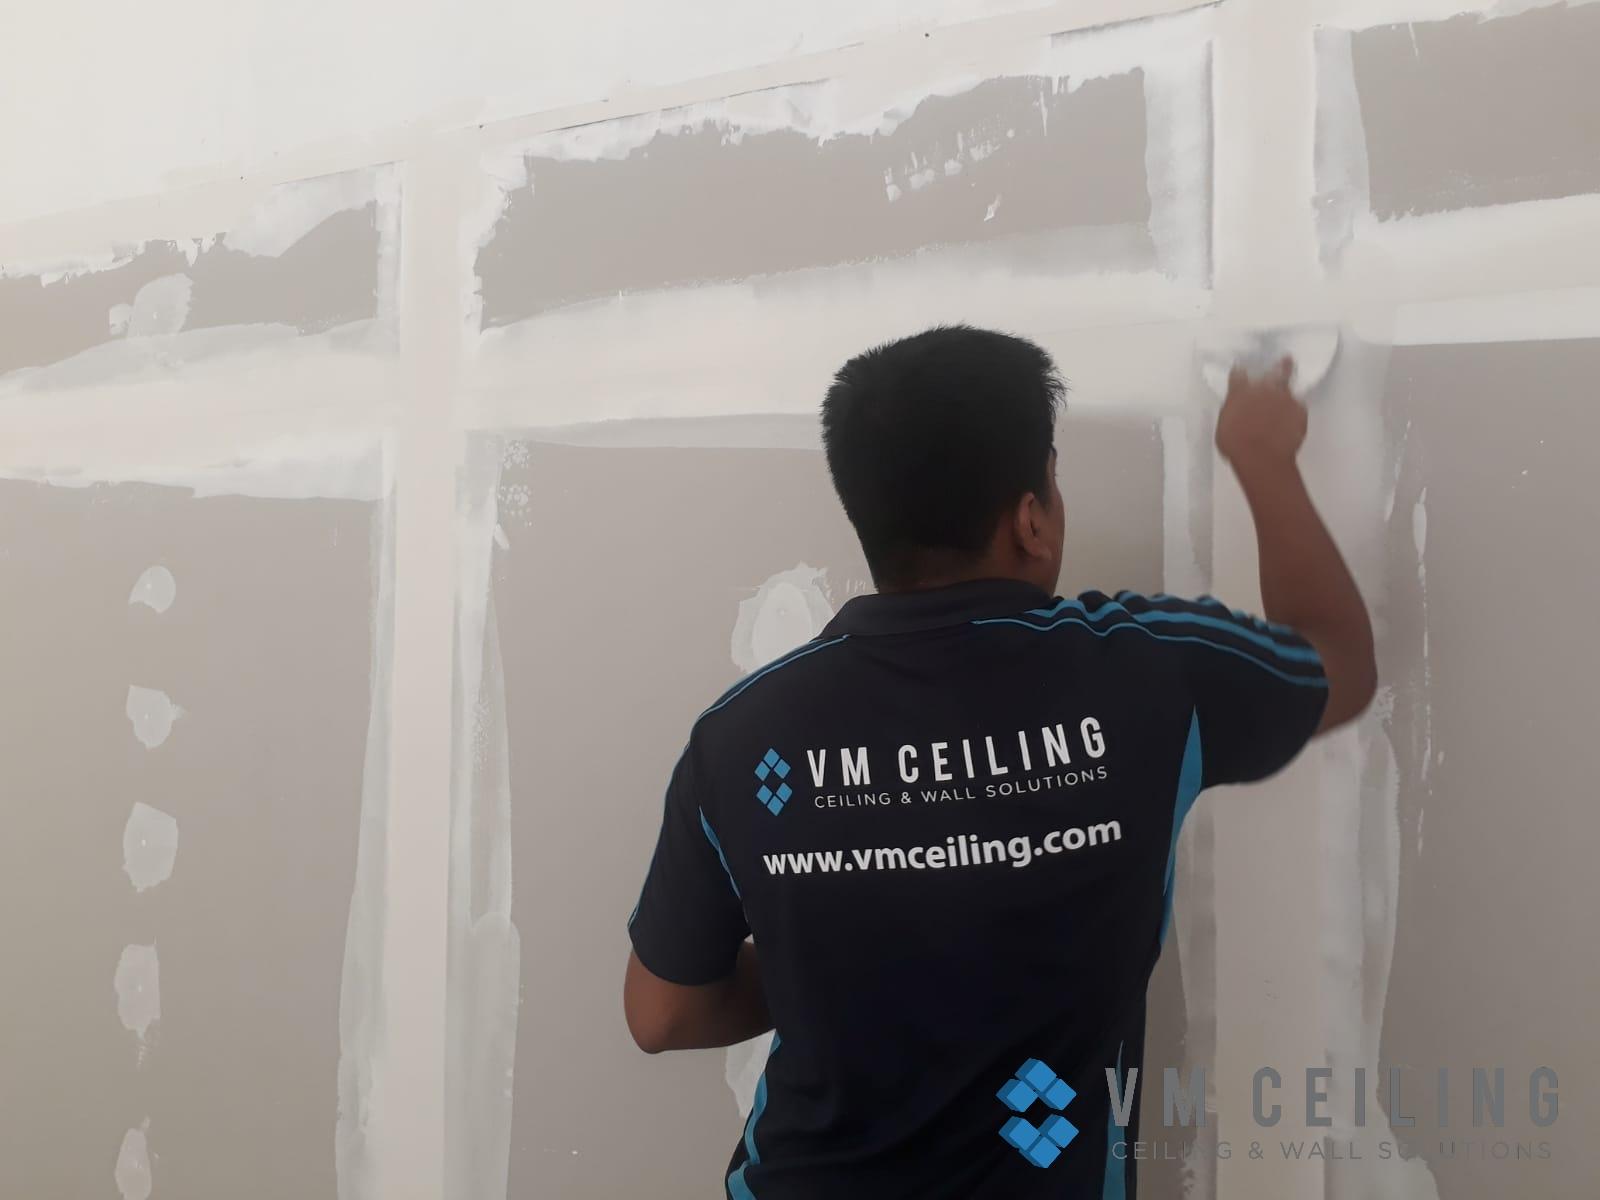 partition wall vm ceiling singapore commercial studio bukit batok 5